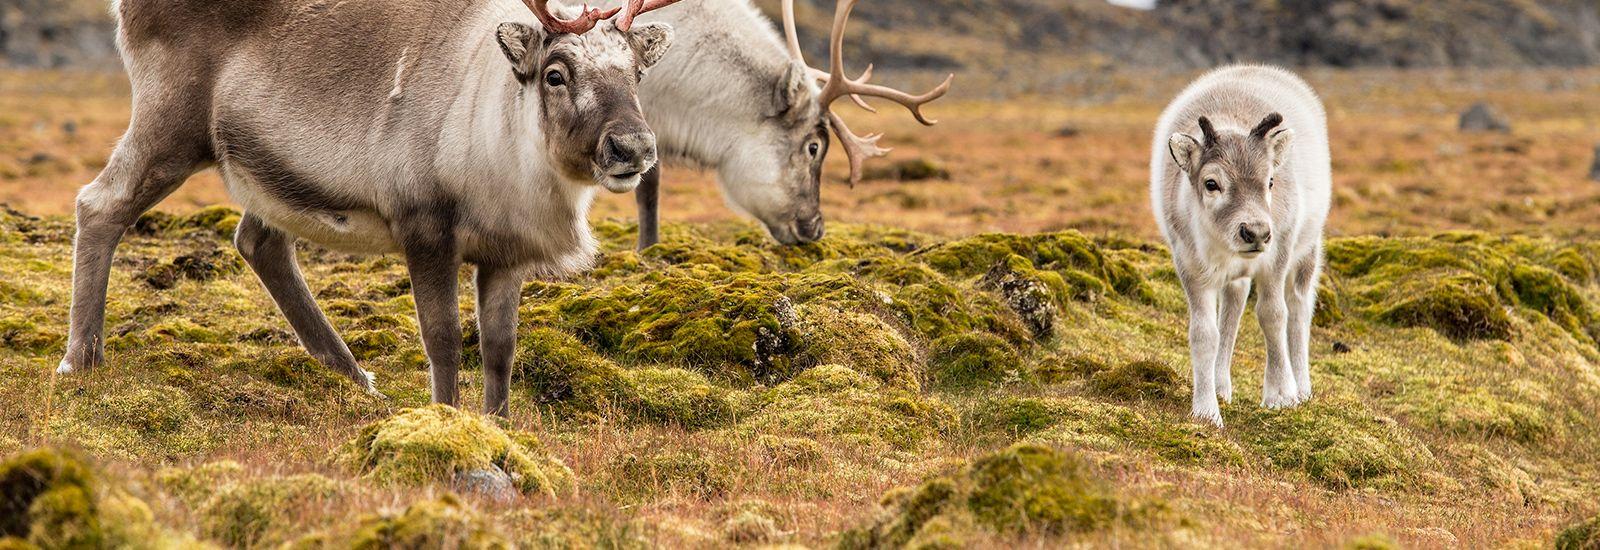 Wild reindeer family - Spitsbergen, Svalbard